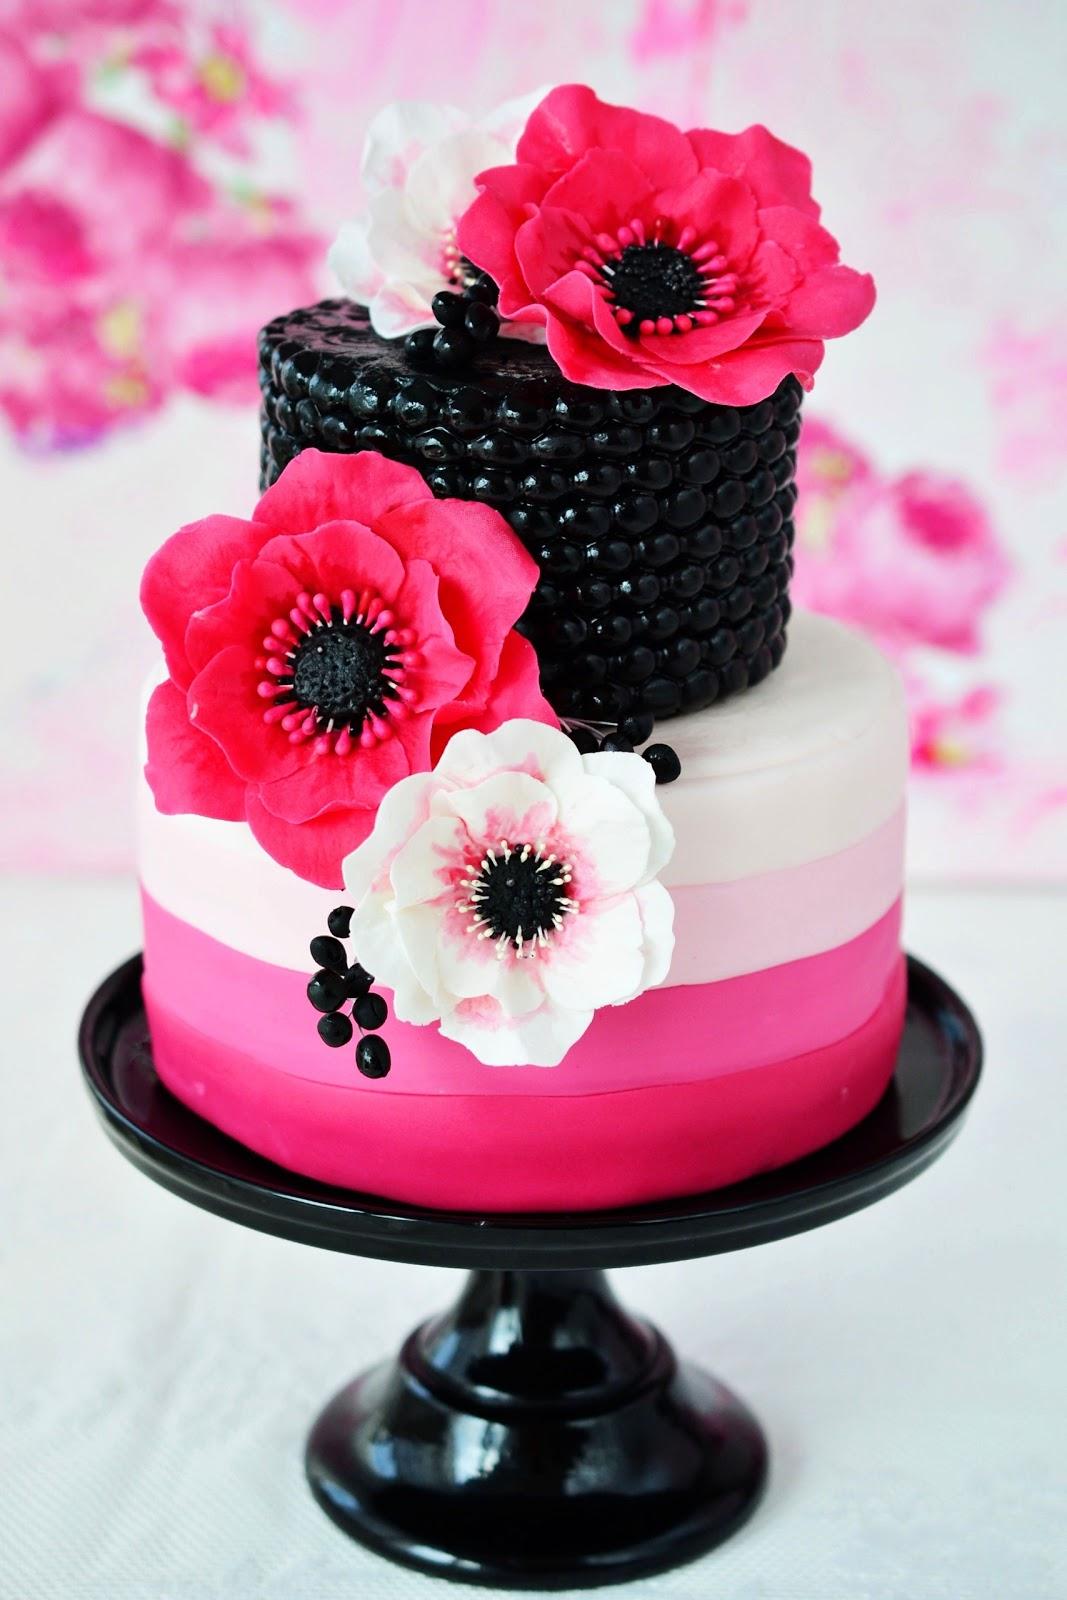 Kessys Pink Sugar: Pinke Anemonen Torte - Unwired anemones